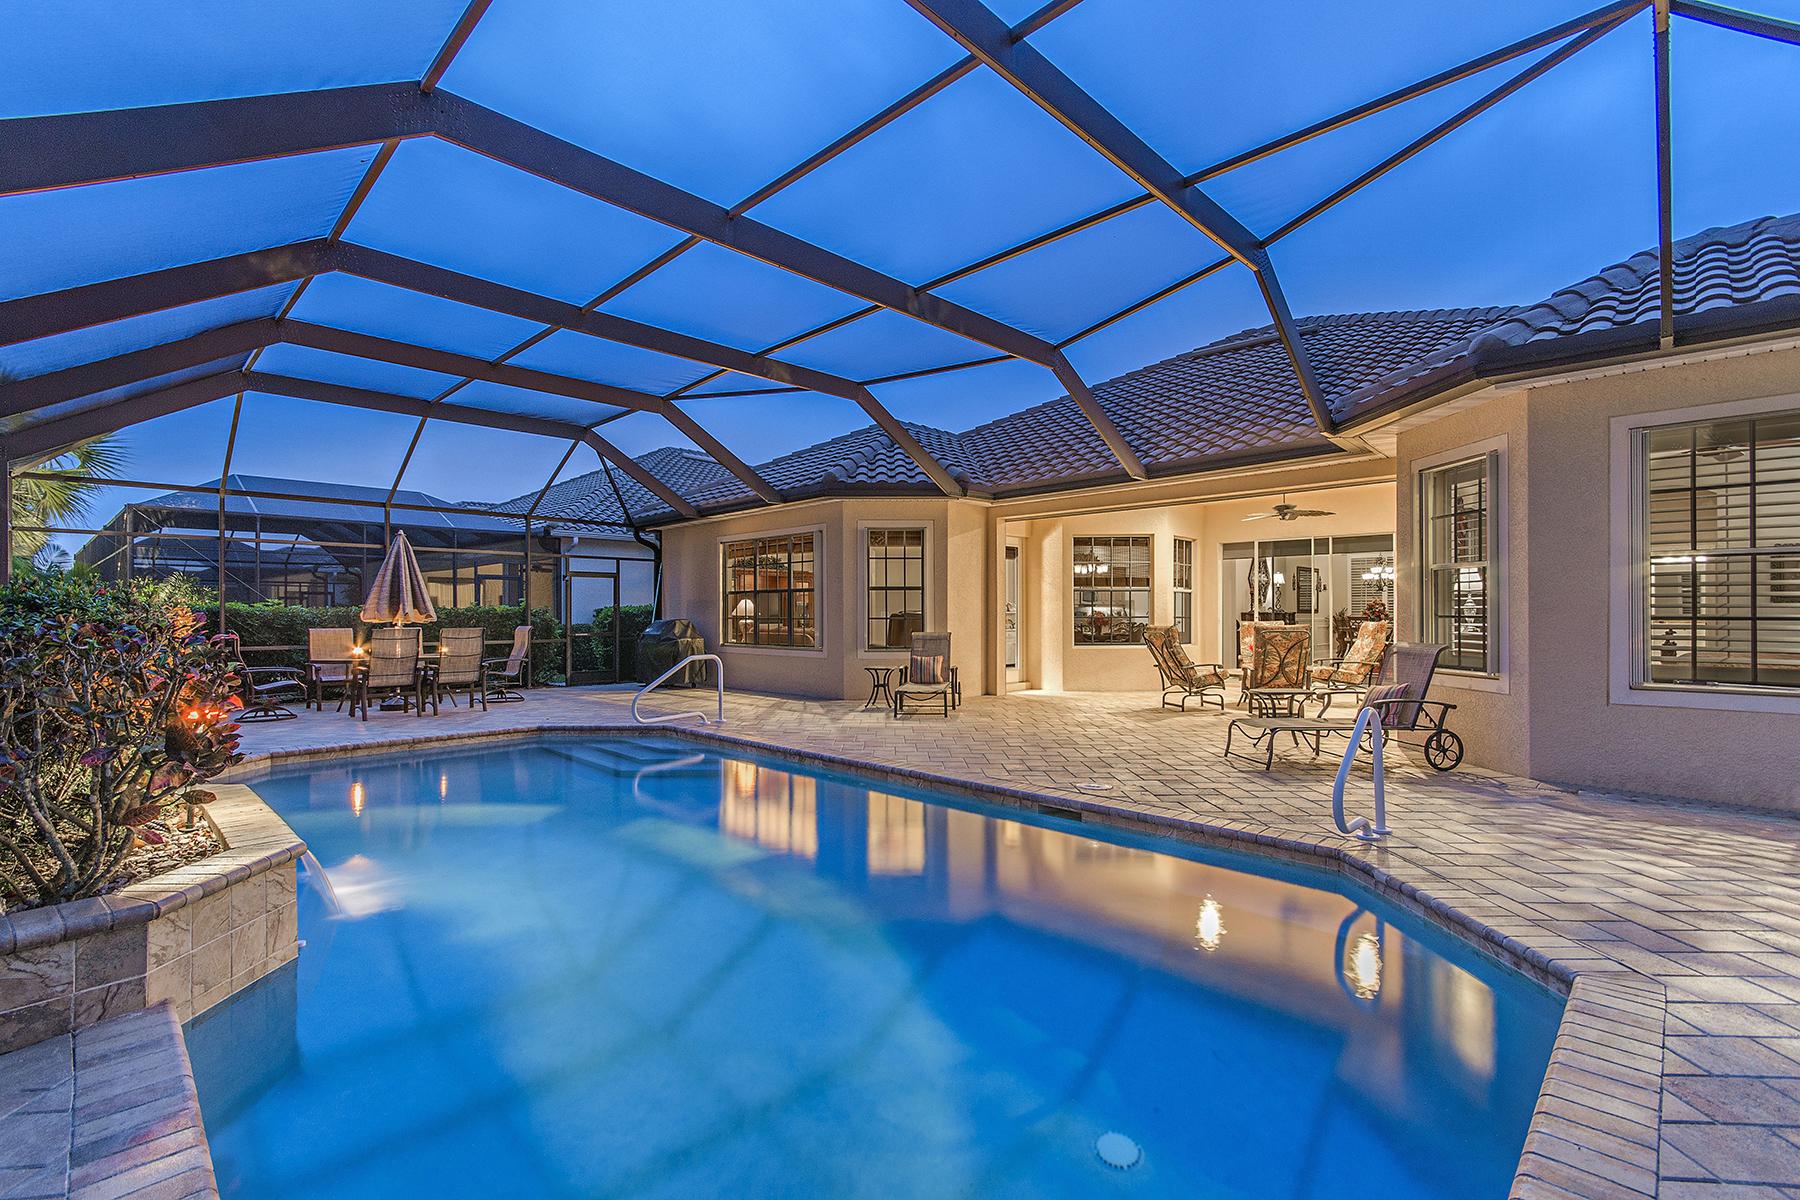 独户住宅 为 销售 在 Twin Eagles 11914 Heather Woods Ct 那不勒斯, 佛罗里达州, 34120 美国